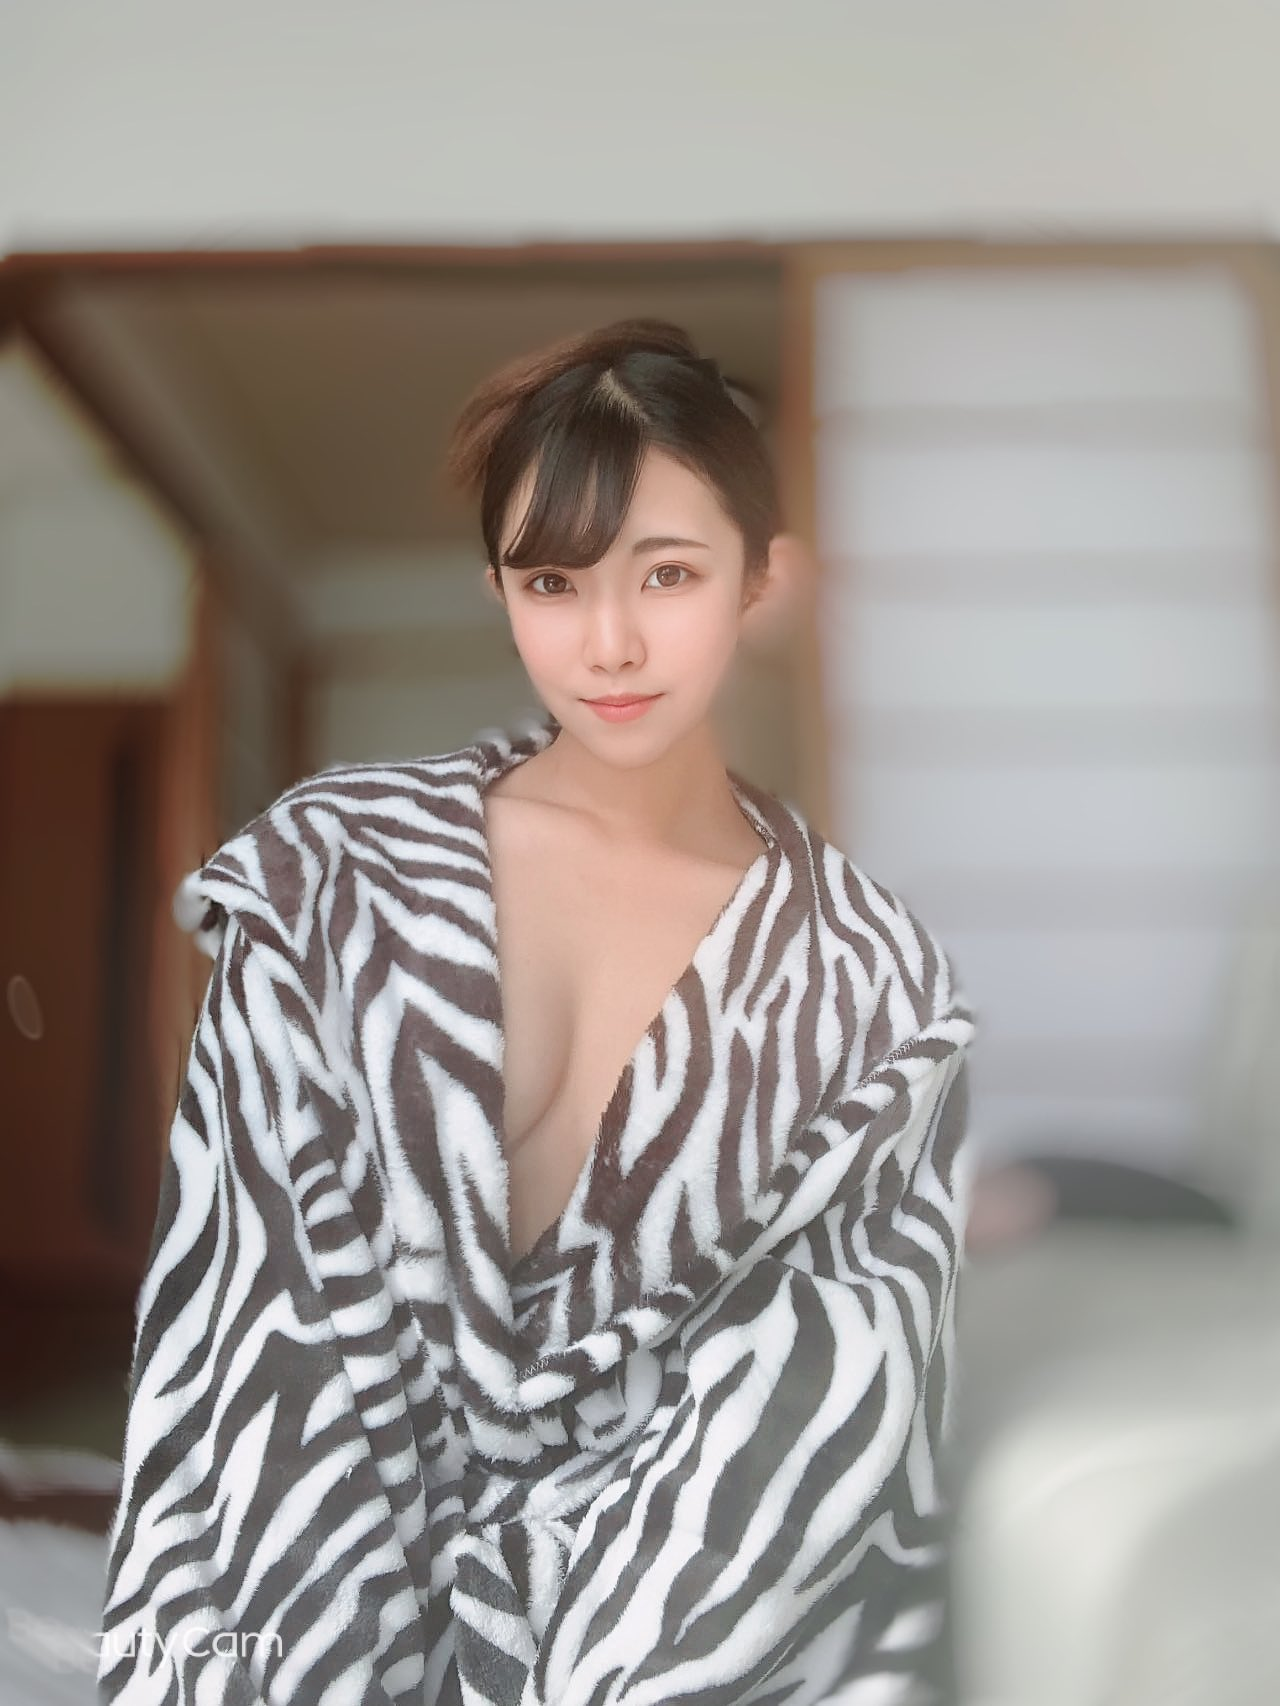 【浅見レナエロ画像】その大きなお尻で乗られたい!着エロ出身美少女・浅見レナ!